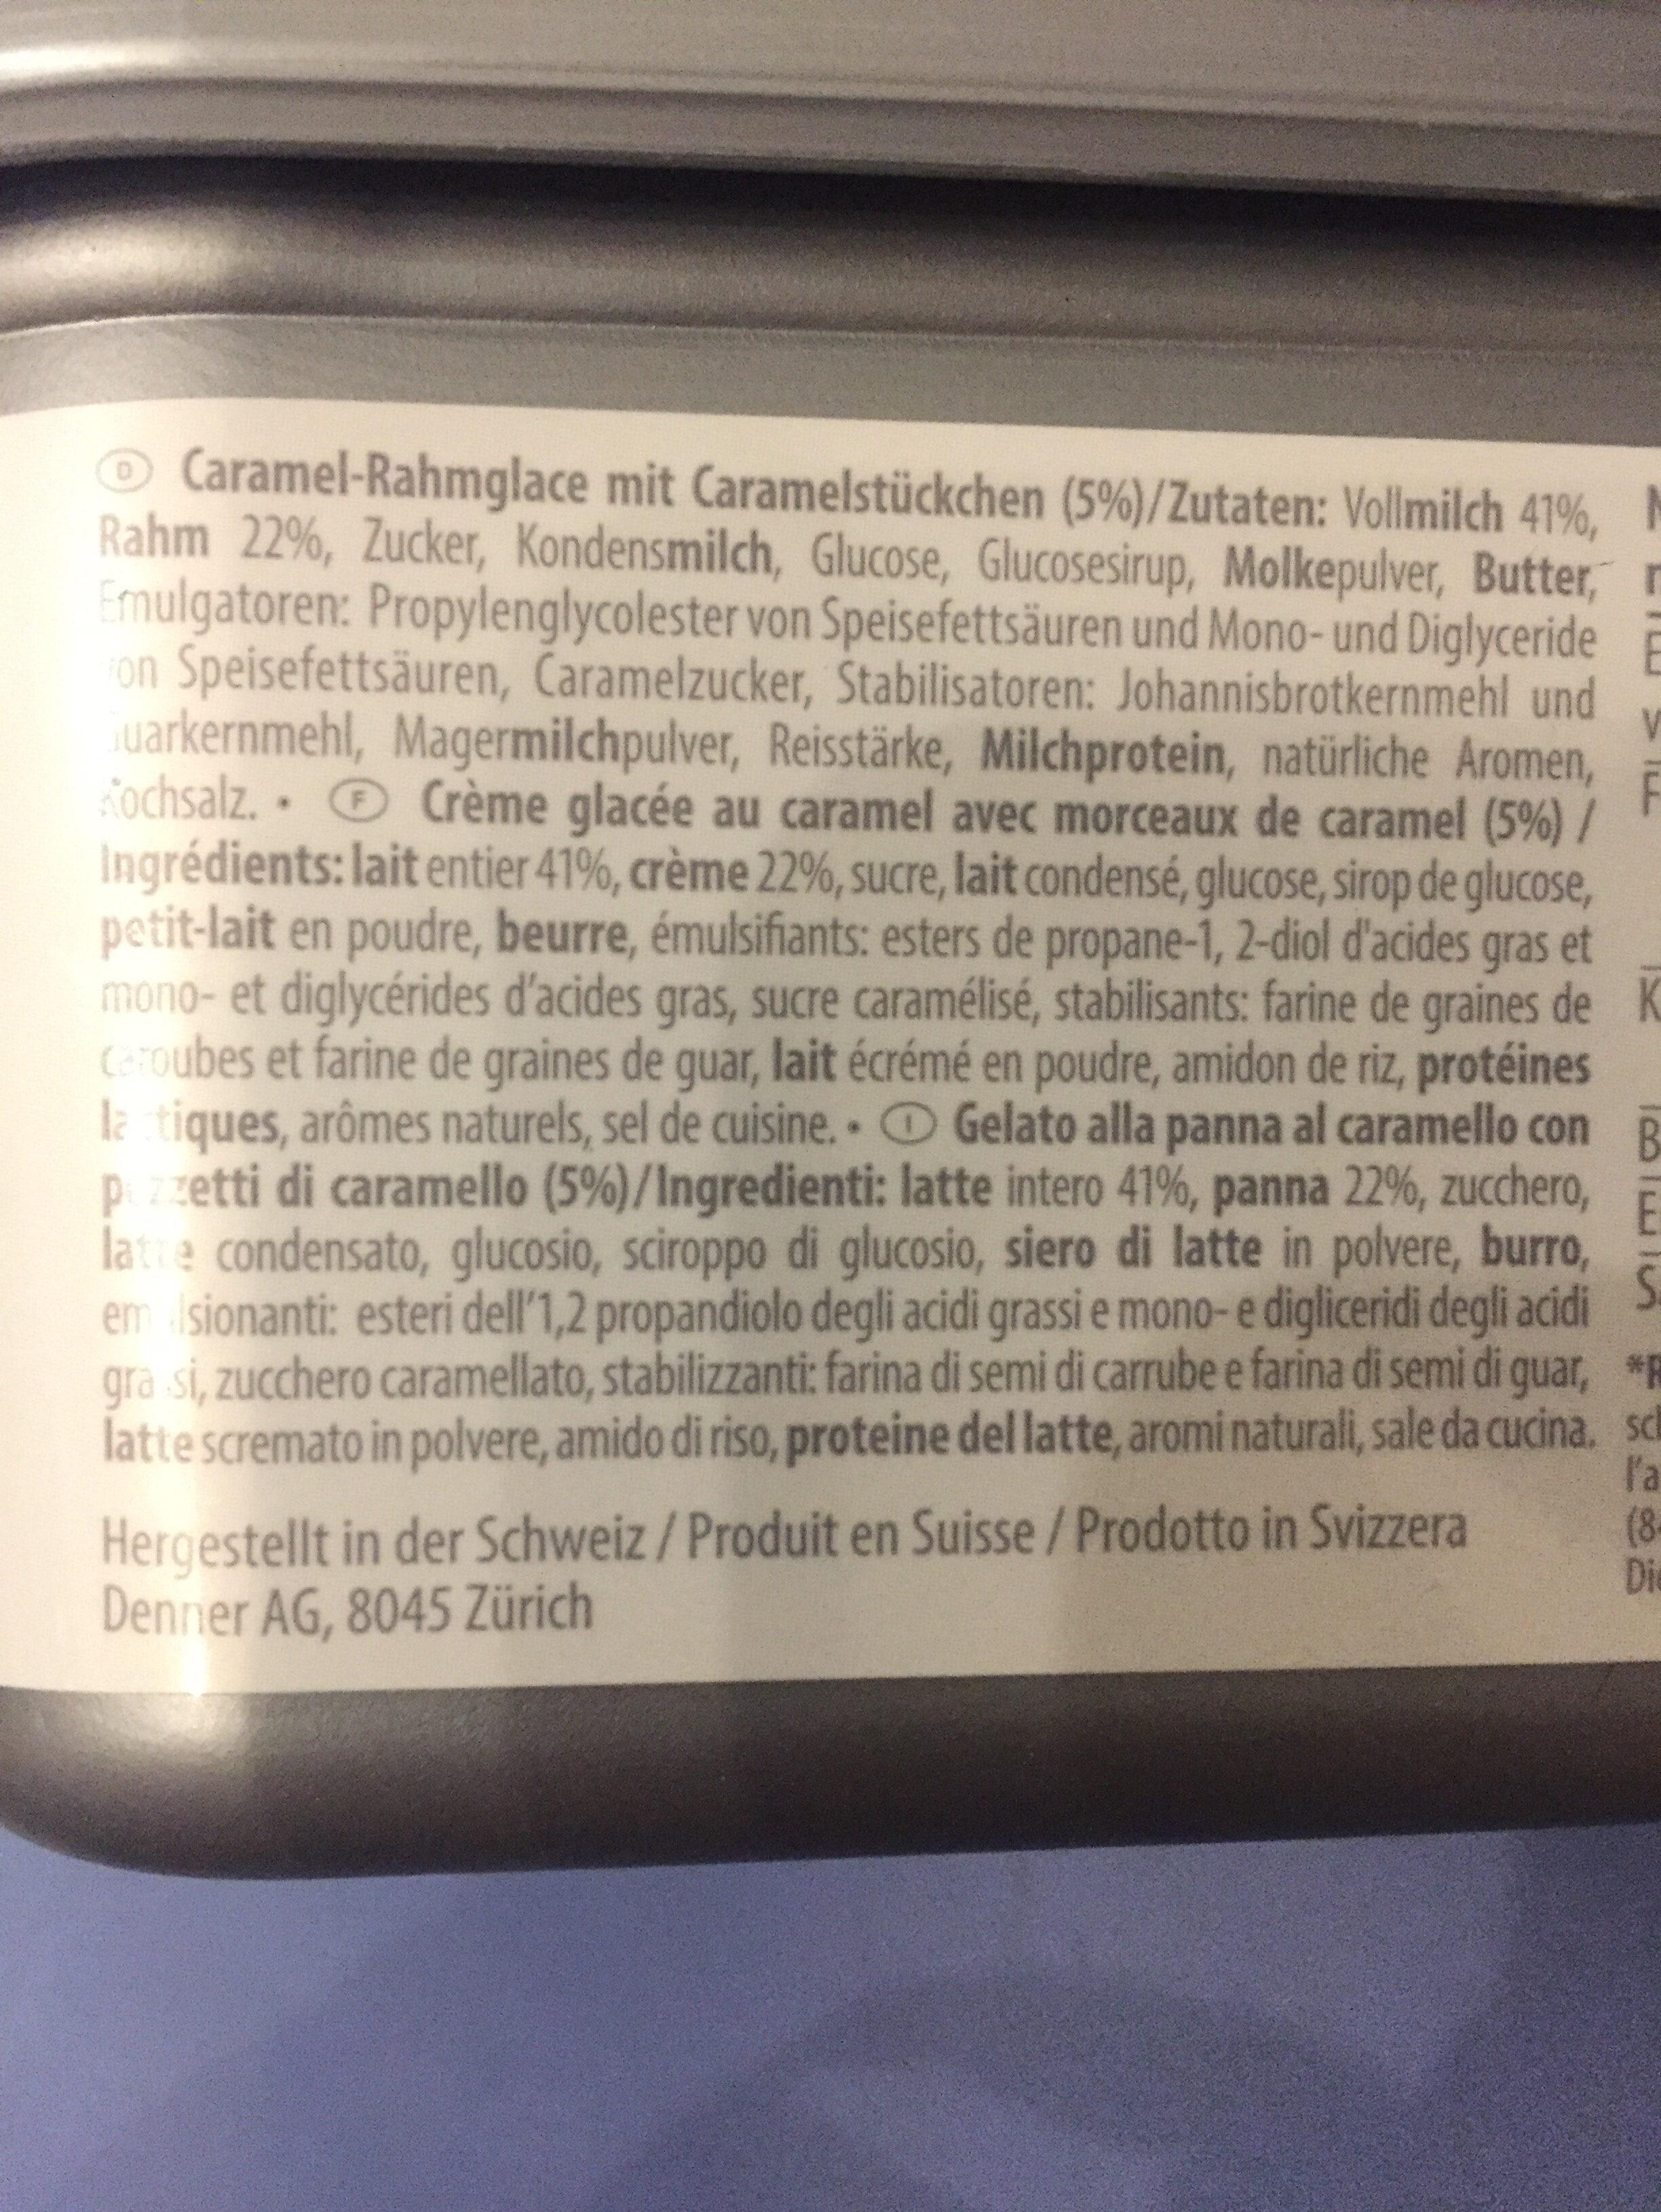 Crème glacée Caramel à la crème suisse - Ingredienti - fr